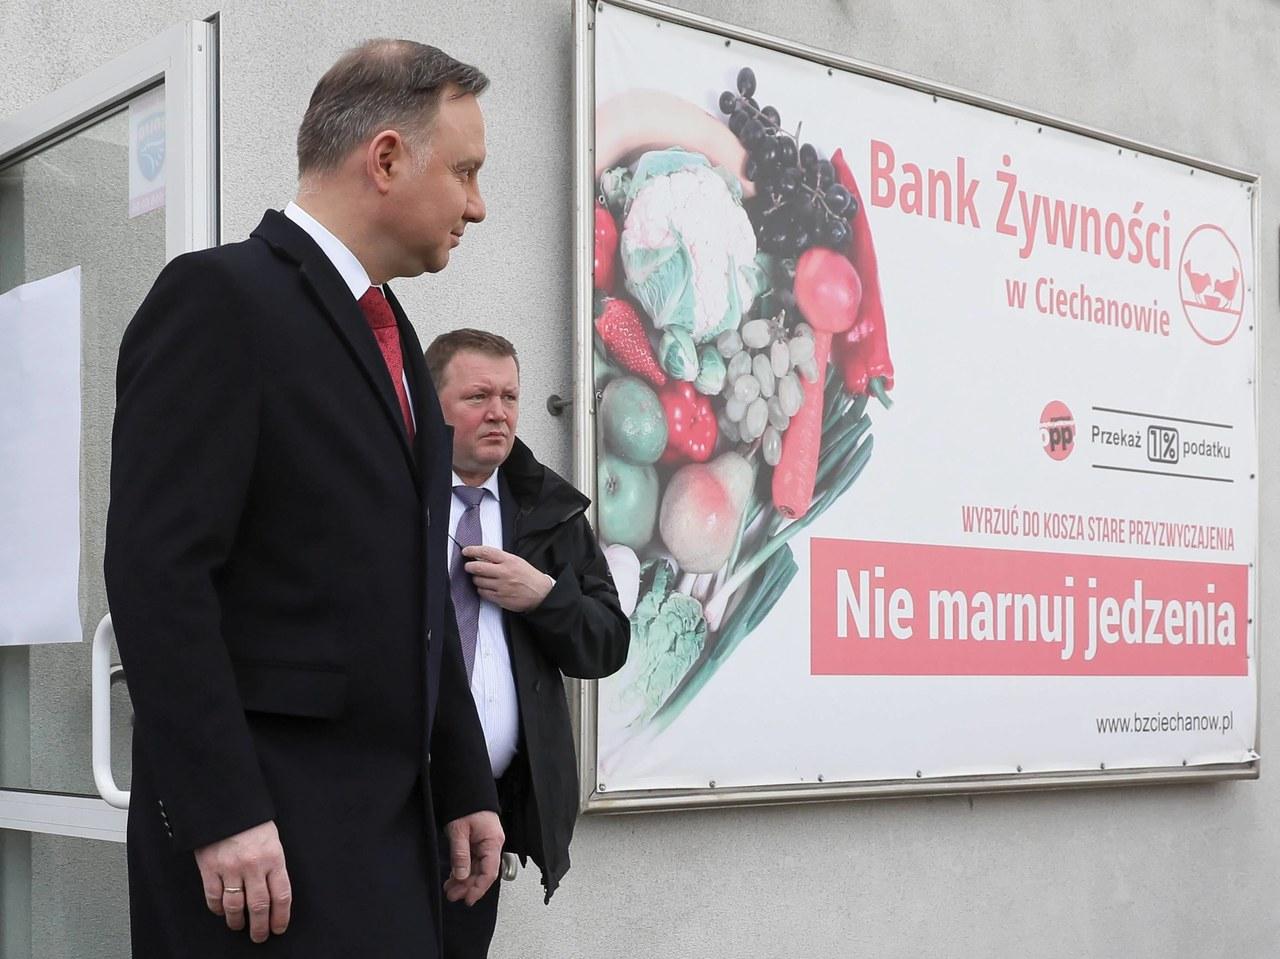 Prezydencki falstart: Andrzej Duda ogłosił pomoc, której nie ma